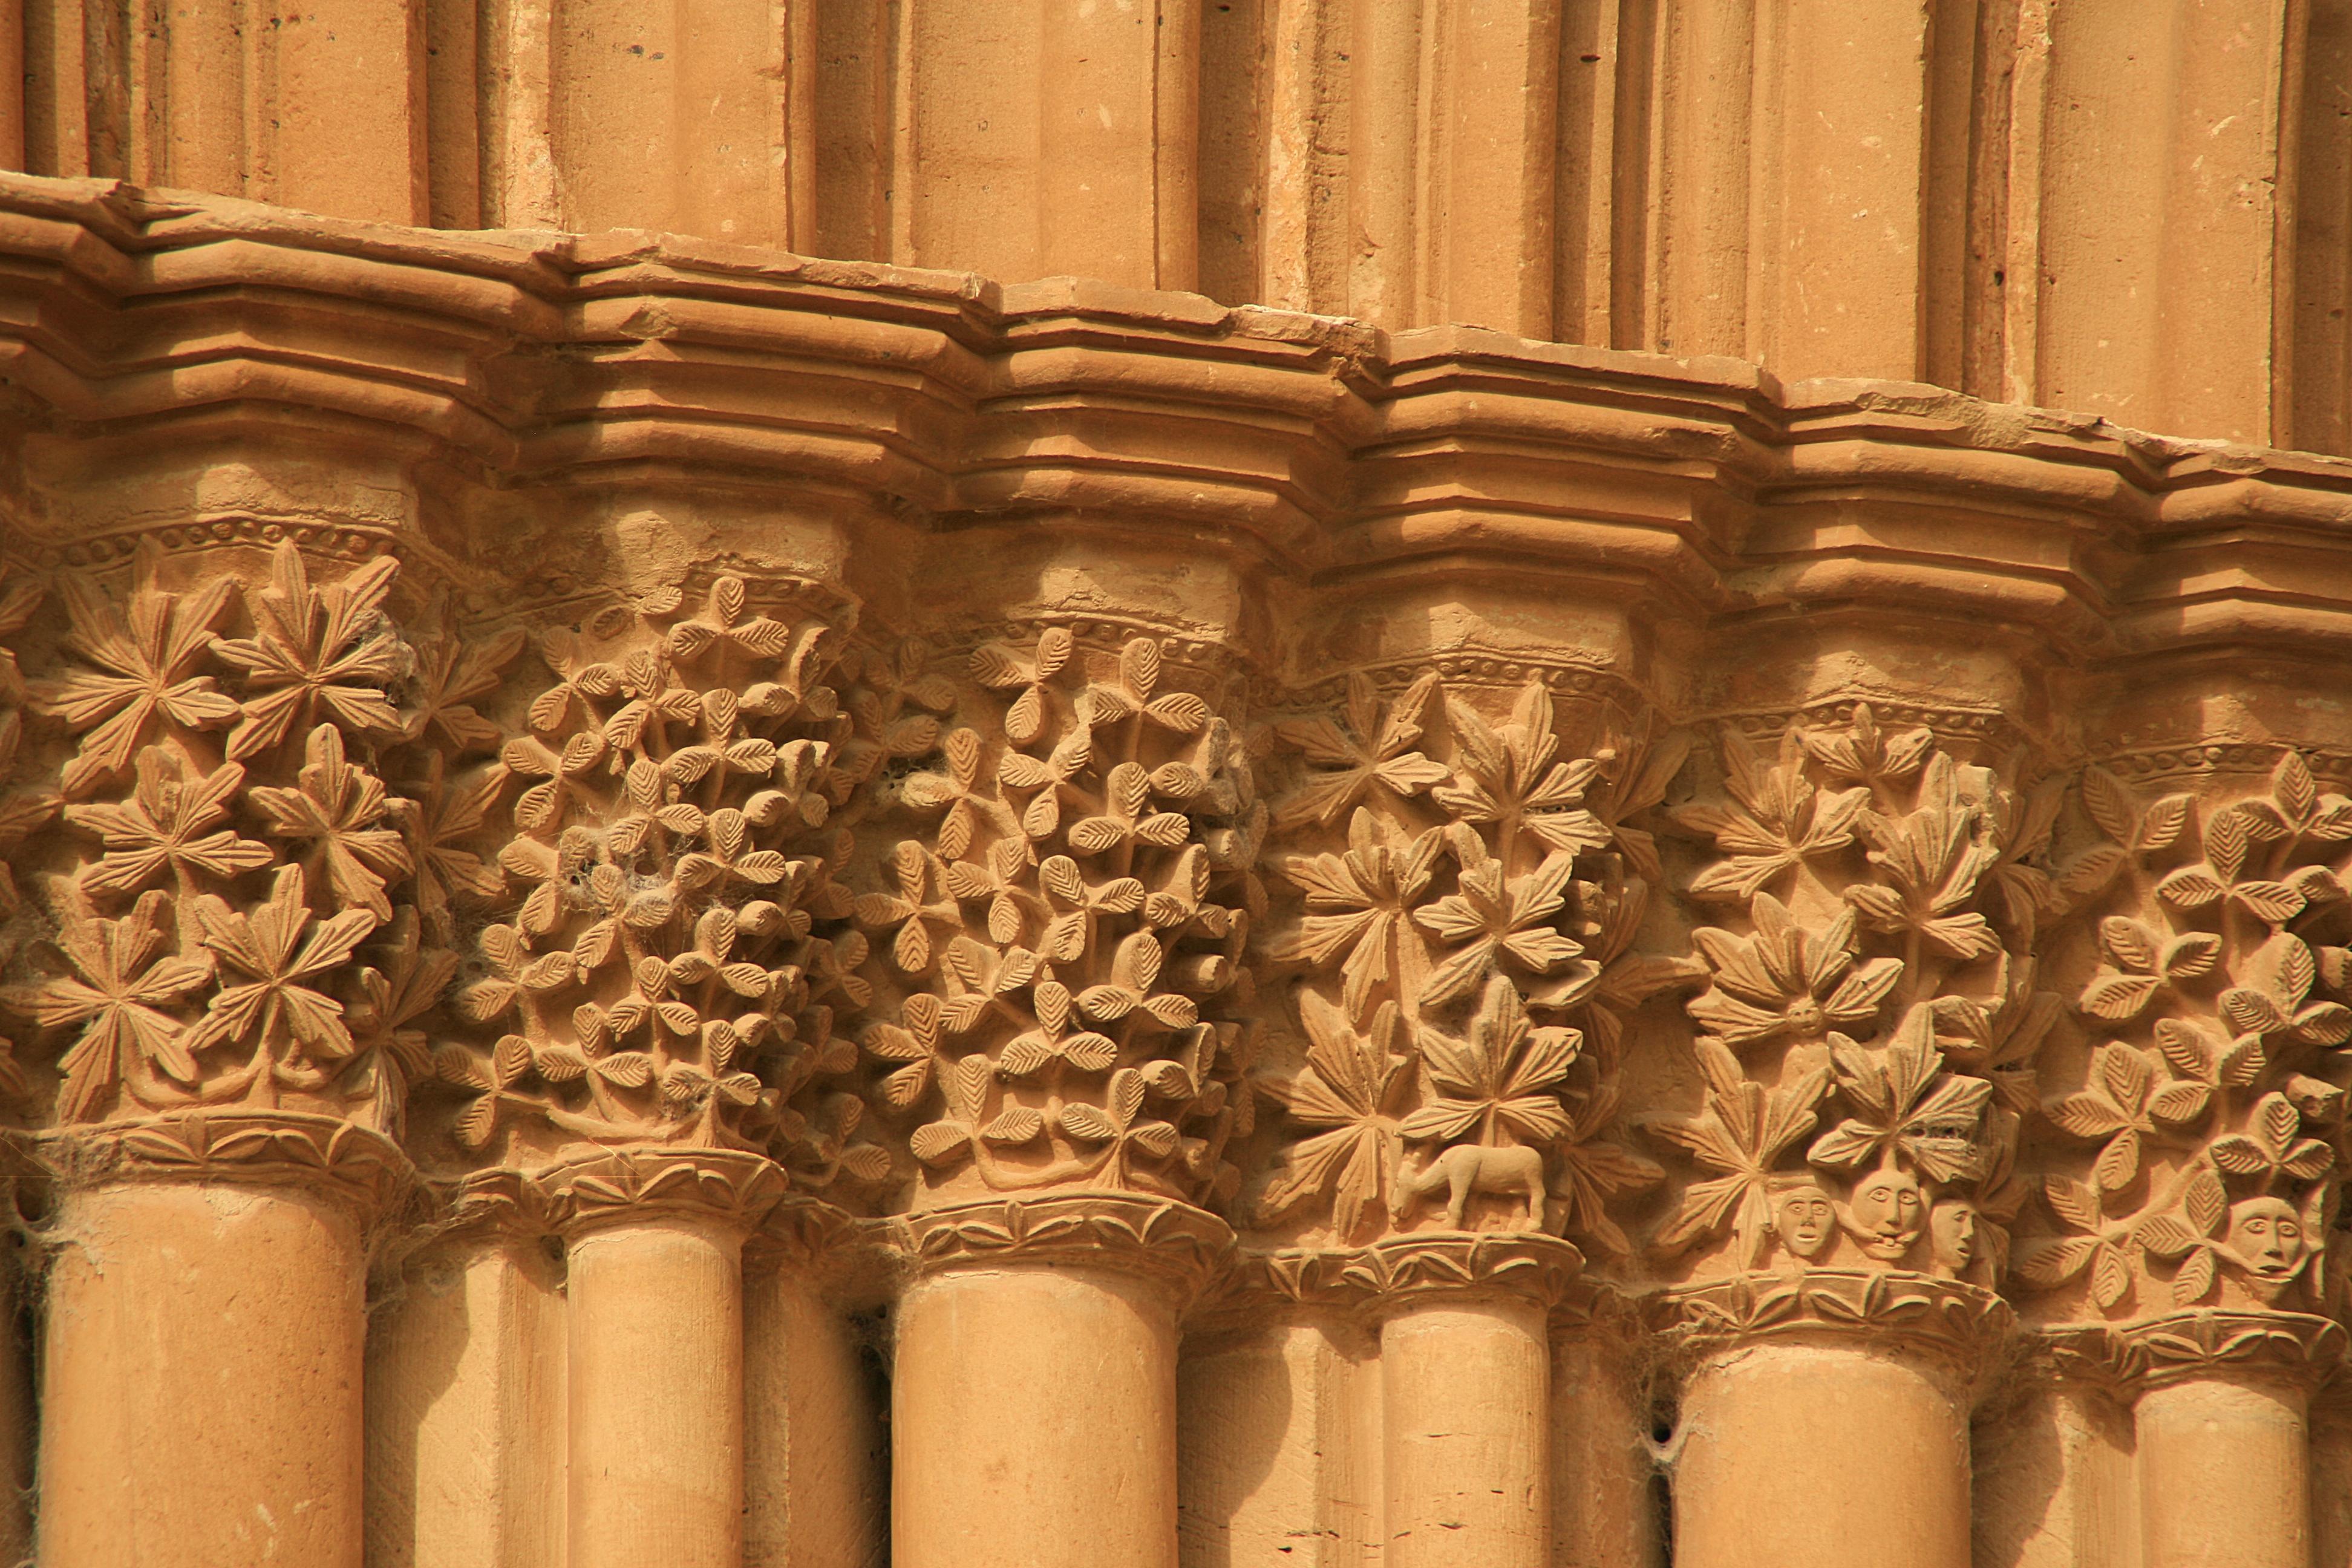 Innenarchitektur Geschichte kostenlose foto struktur holz säule innenarchitektur kunst